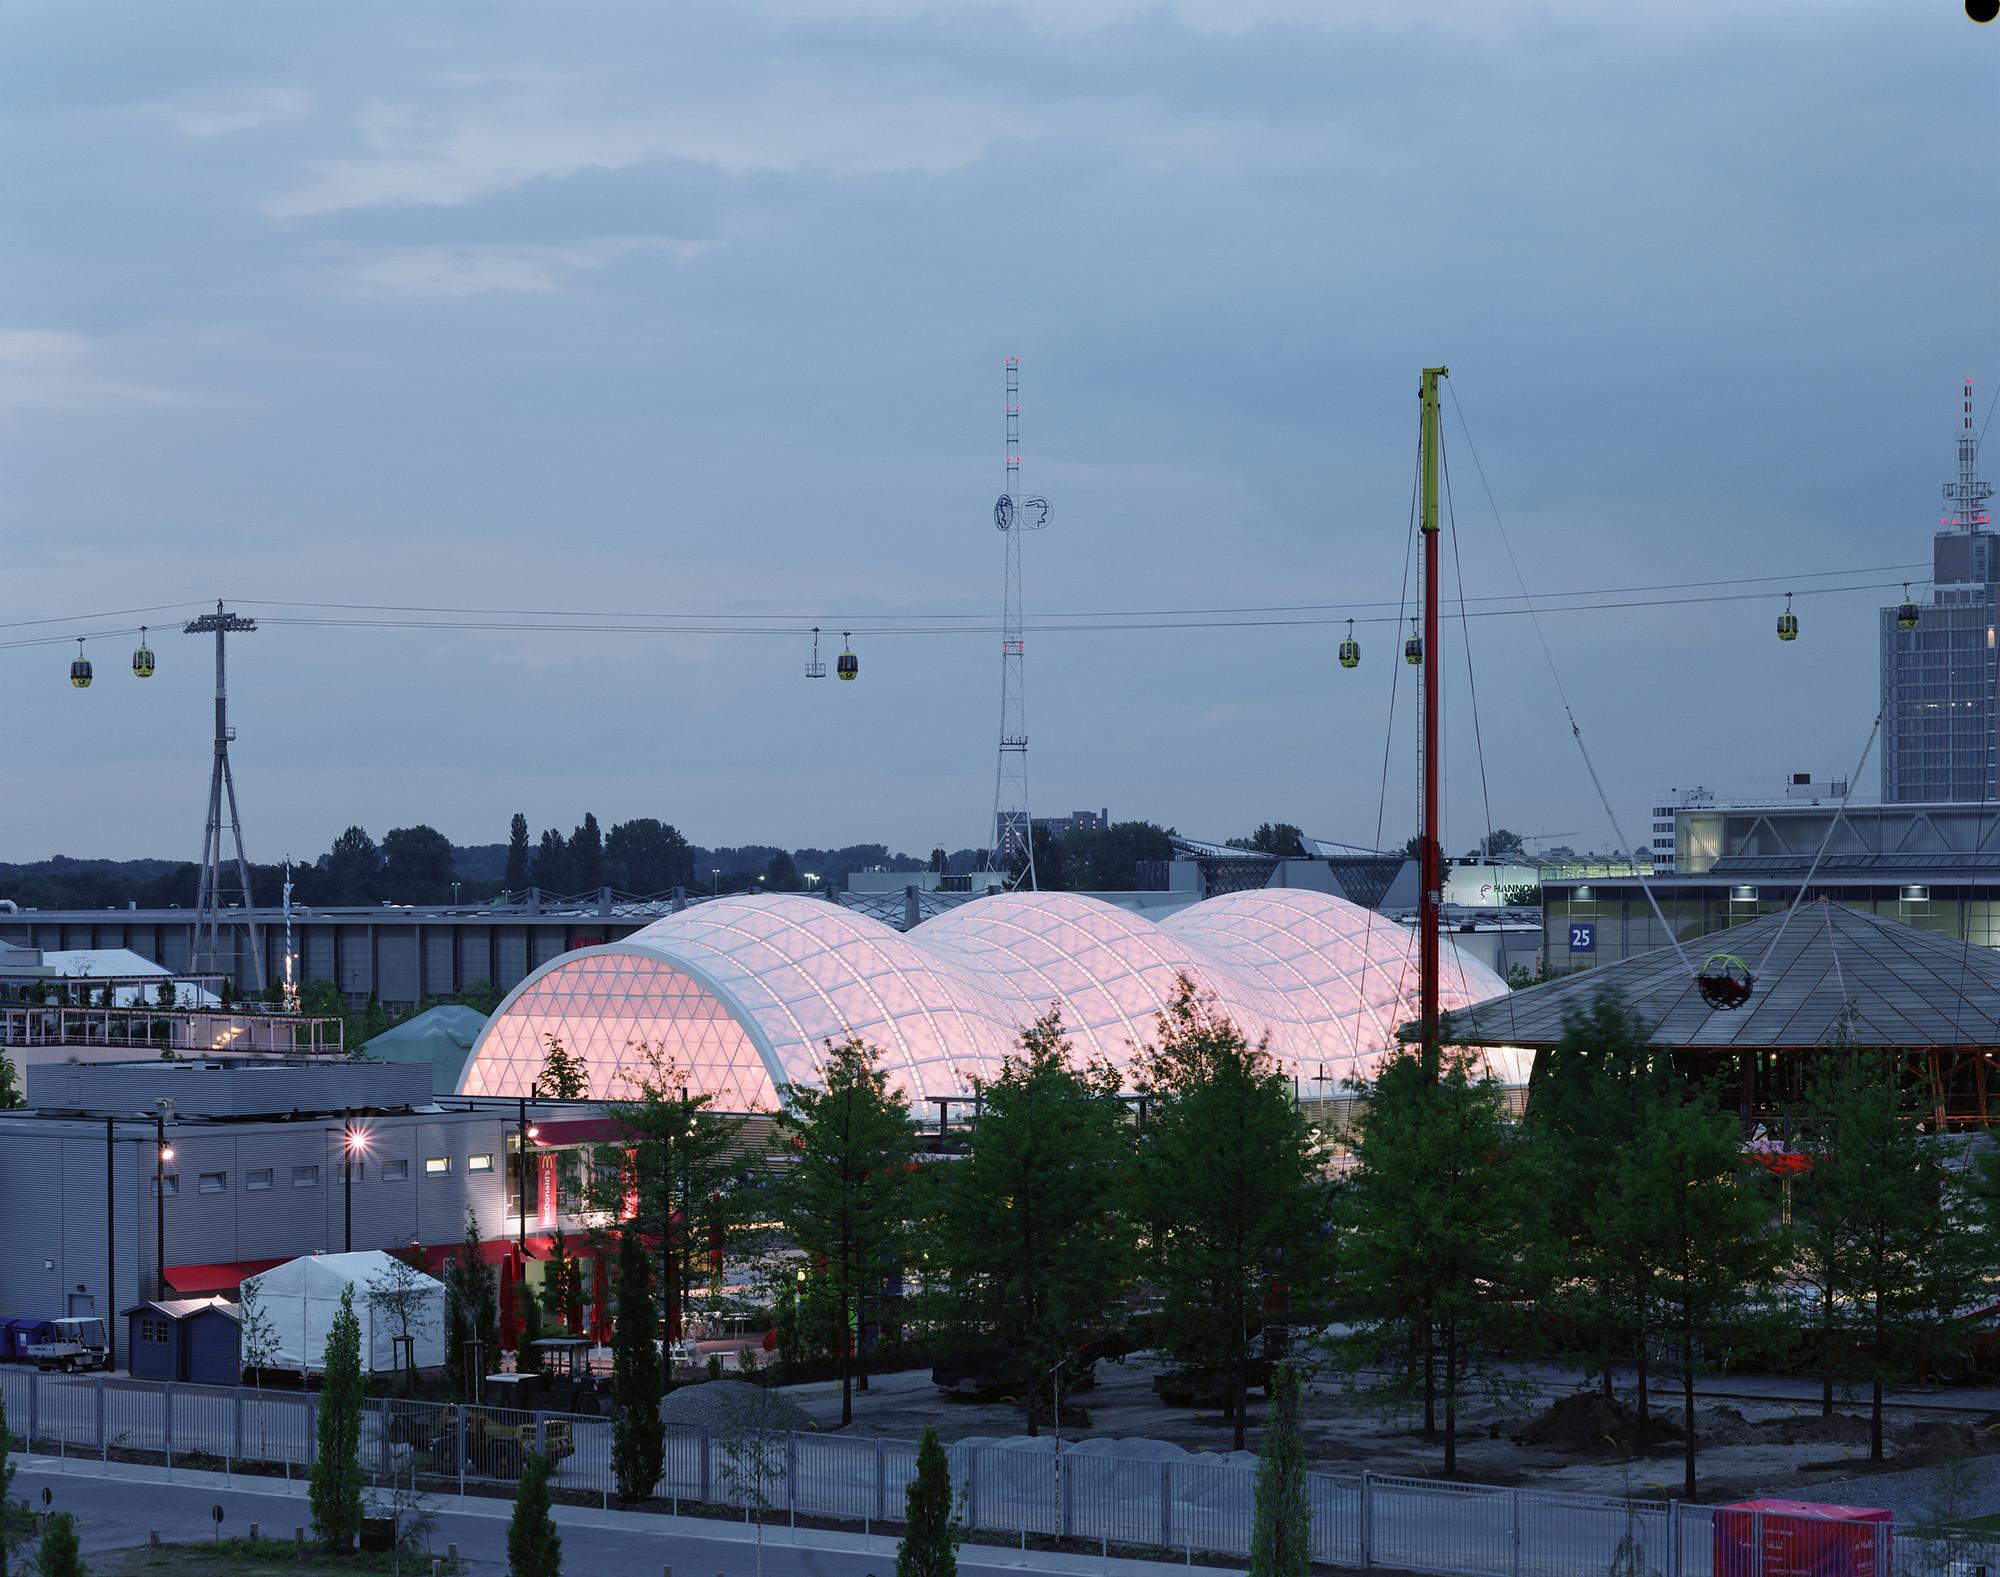 Pabellón de Japón en Expo 2000 Hannover, 2000, Hannover, Alemania. © Hiroyuki Hirai